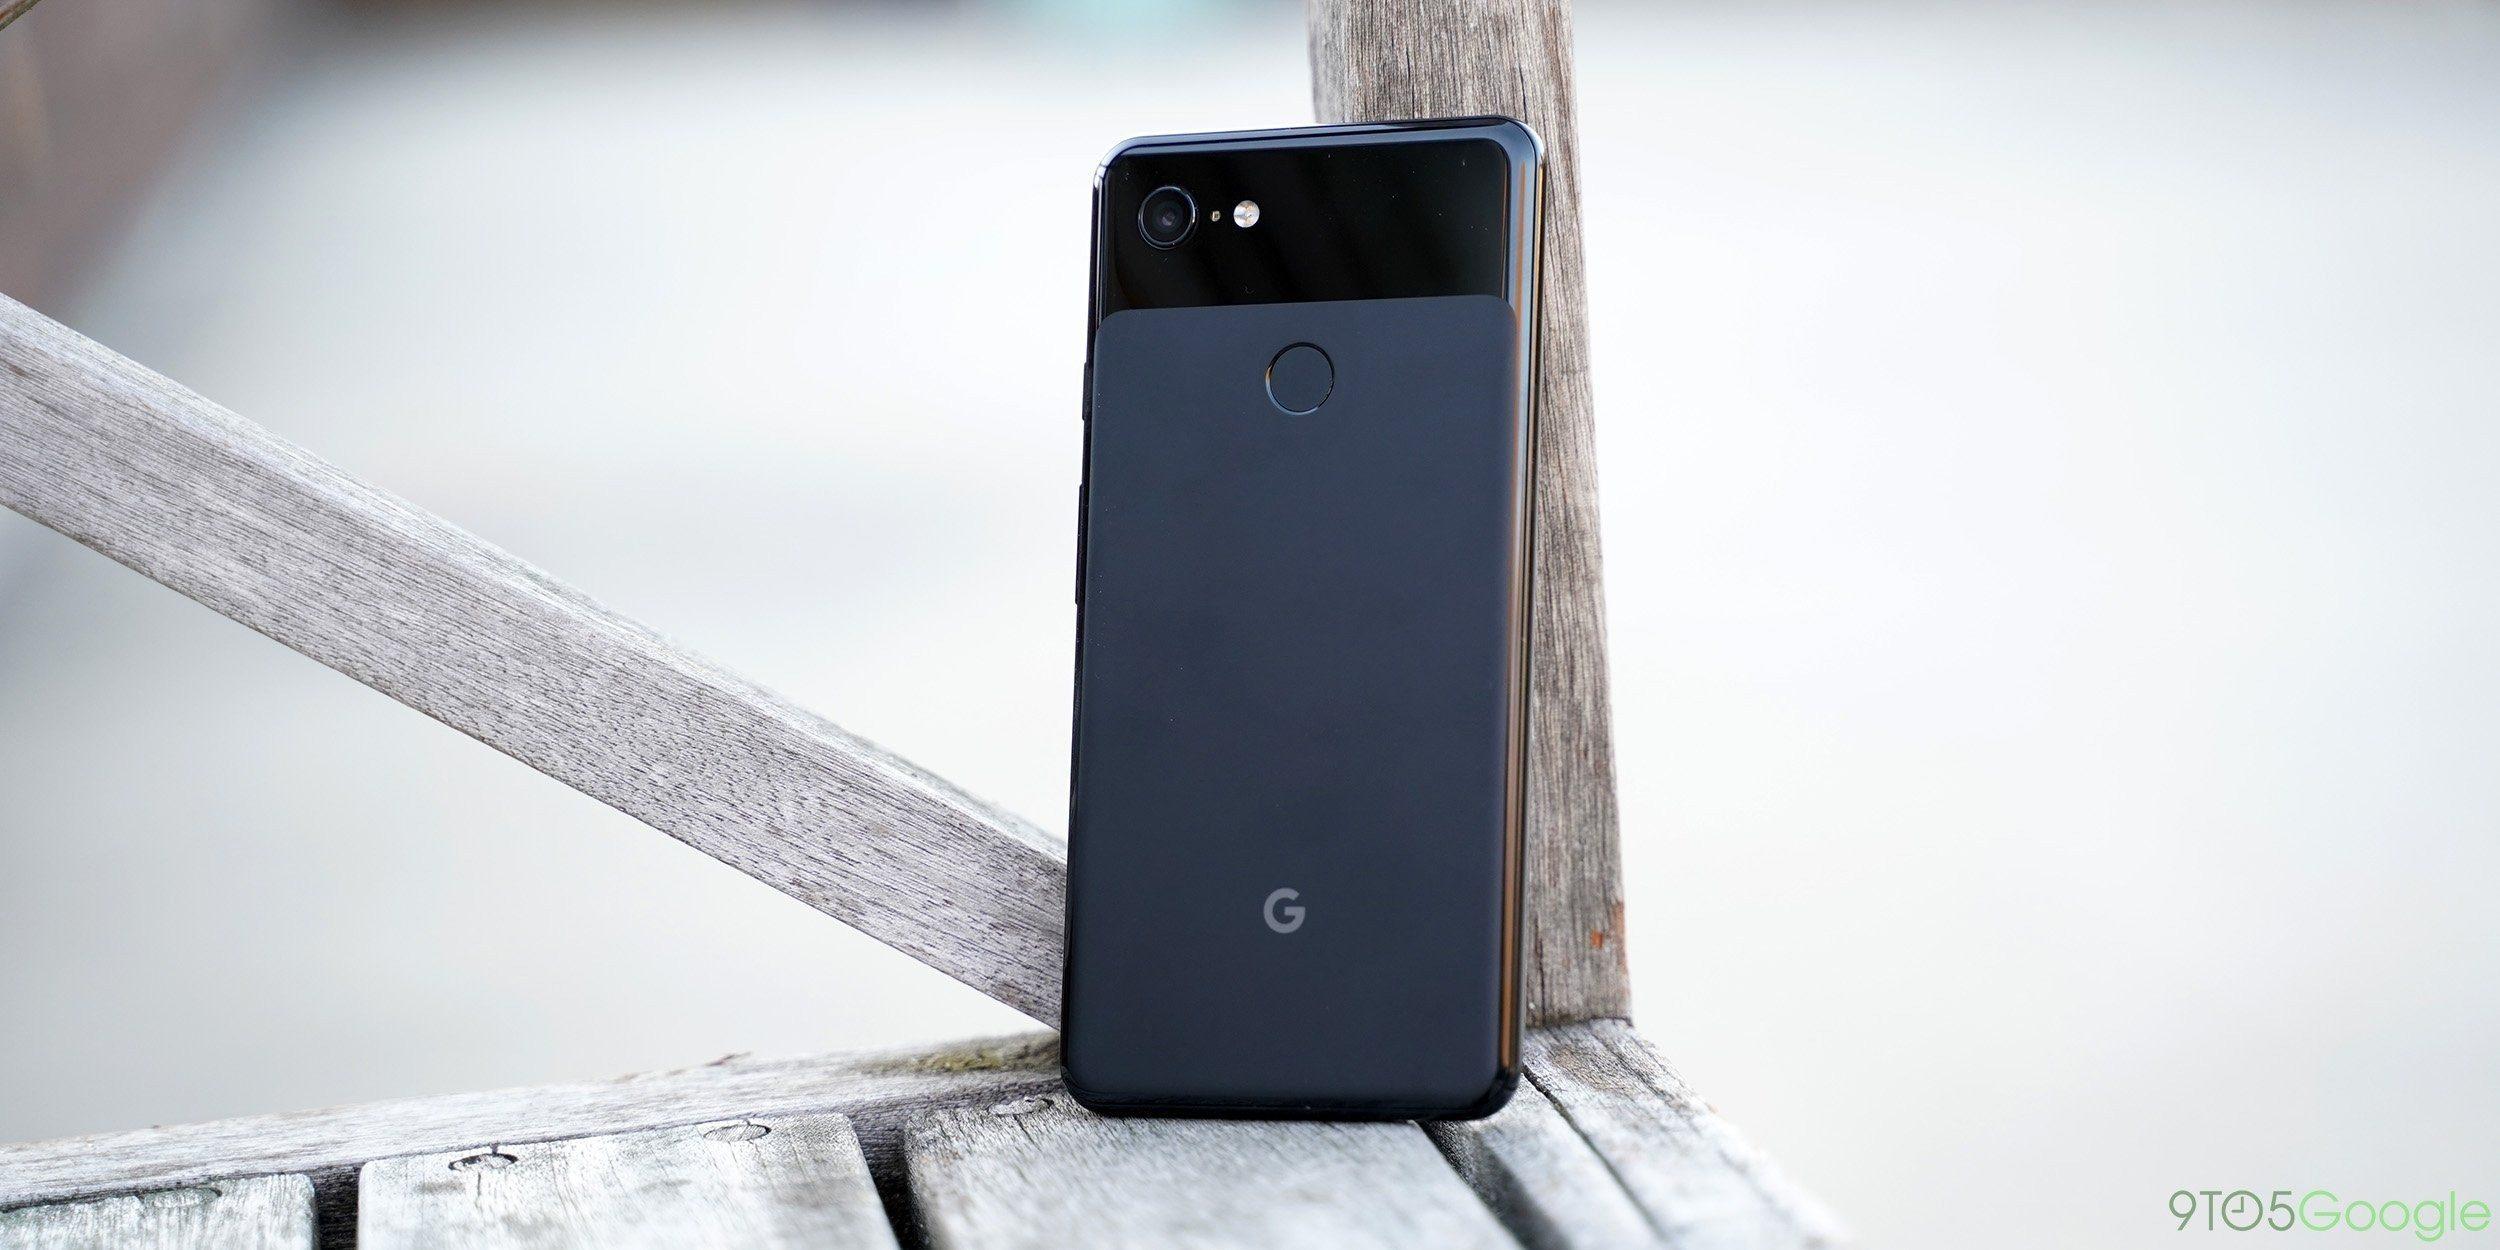 9to5Toys Mittagspause: Google Pixel 3 / XL $ 300 Geschenkkarte, Philips Hue Lights ab € 24, WD 10TB Desktop-Festplatte € 170, mehr